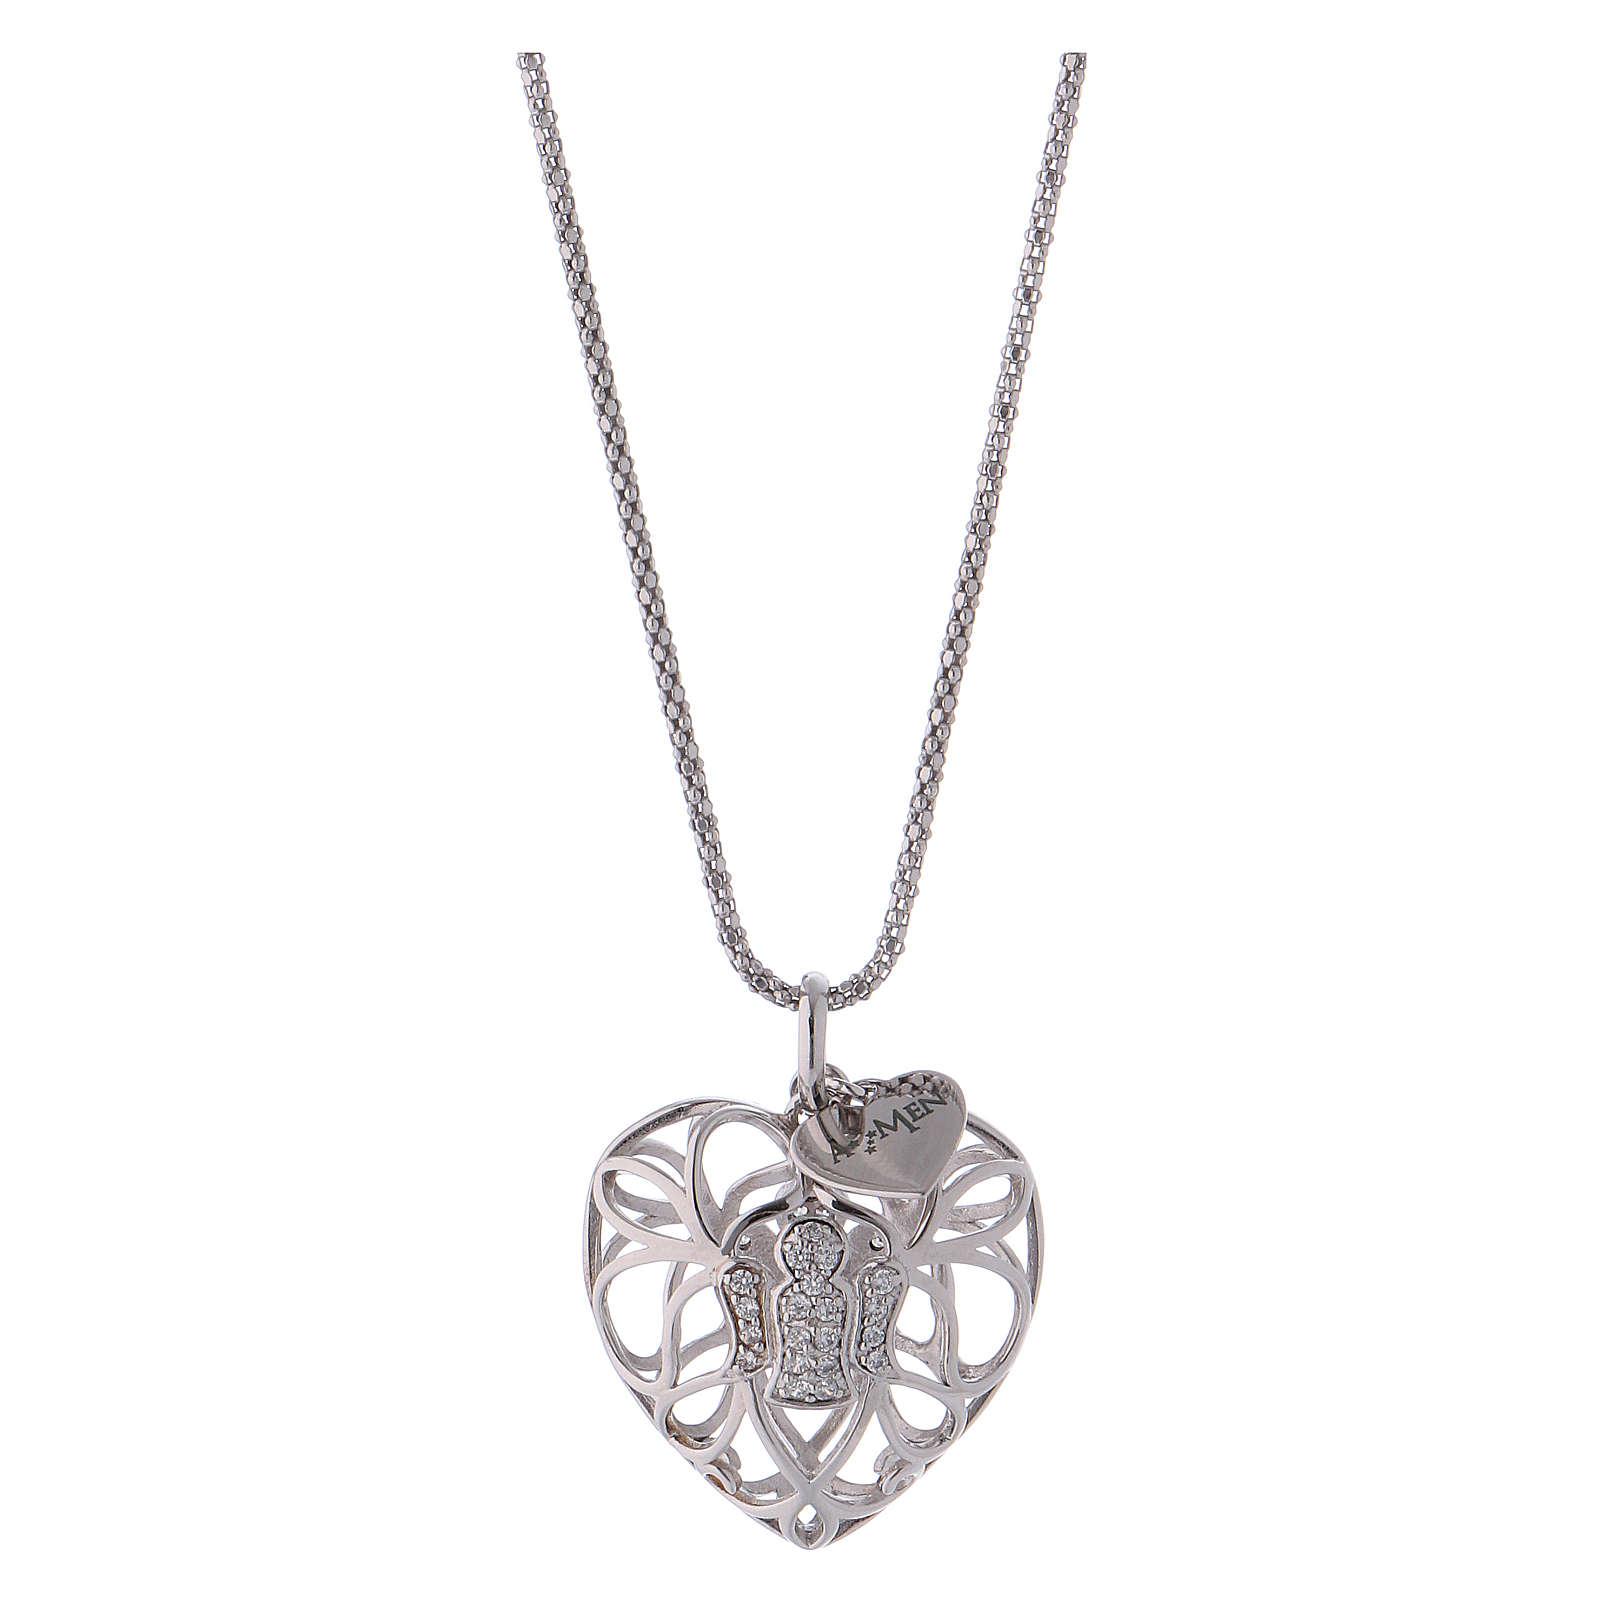 Collana argento 925 AMEN ciondolo a cuore con angelo di zirconi 4